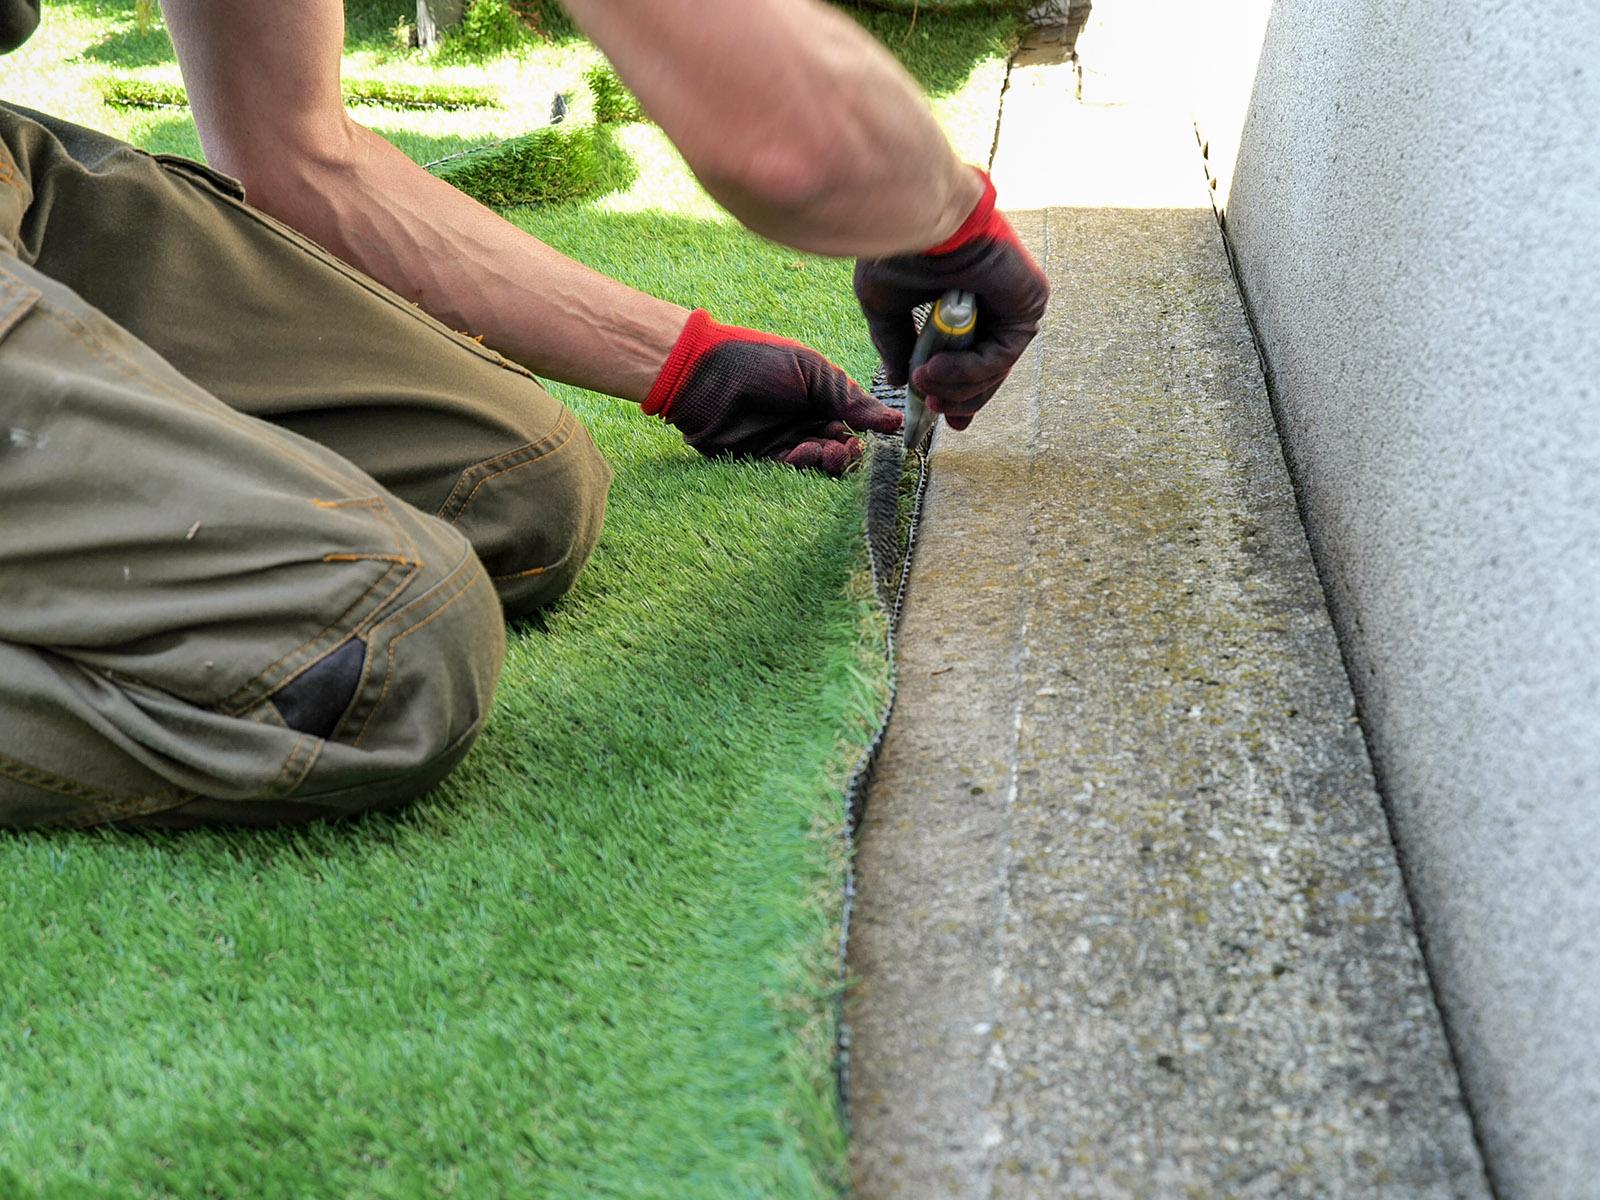 A műfű vágása egy szikével könnyedén elvégezhető. Mindig a hátoldalon dolgozznk, nehogy átvágjuk a fűszálakat!